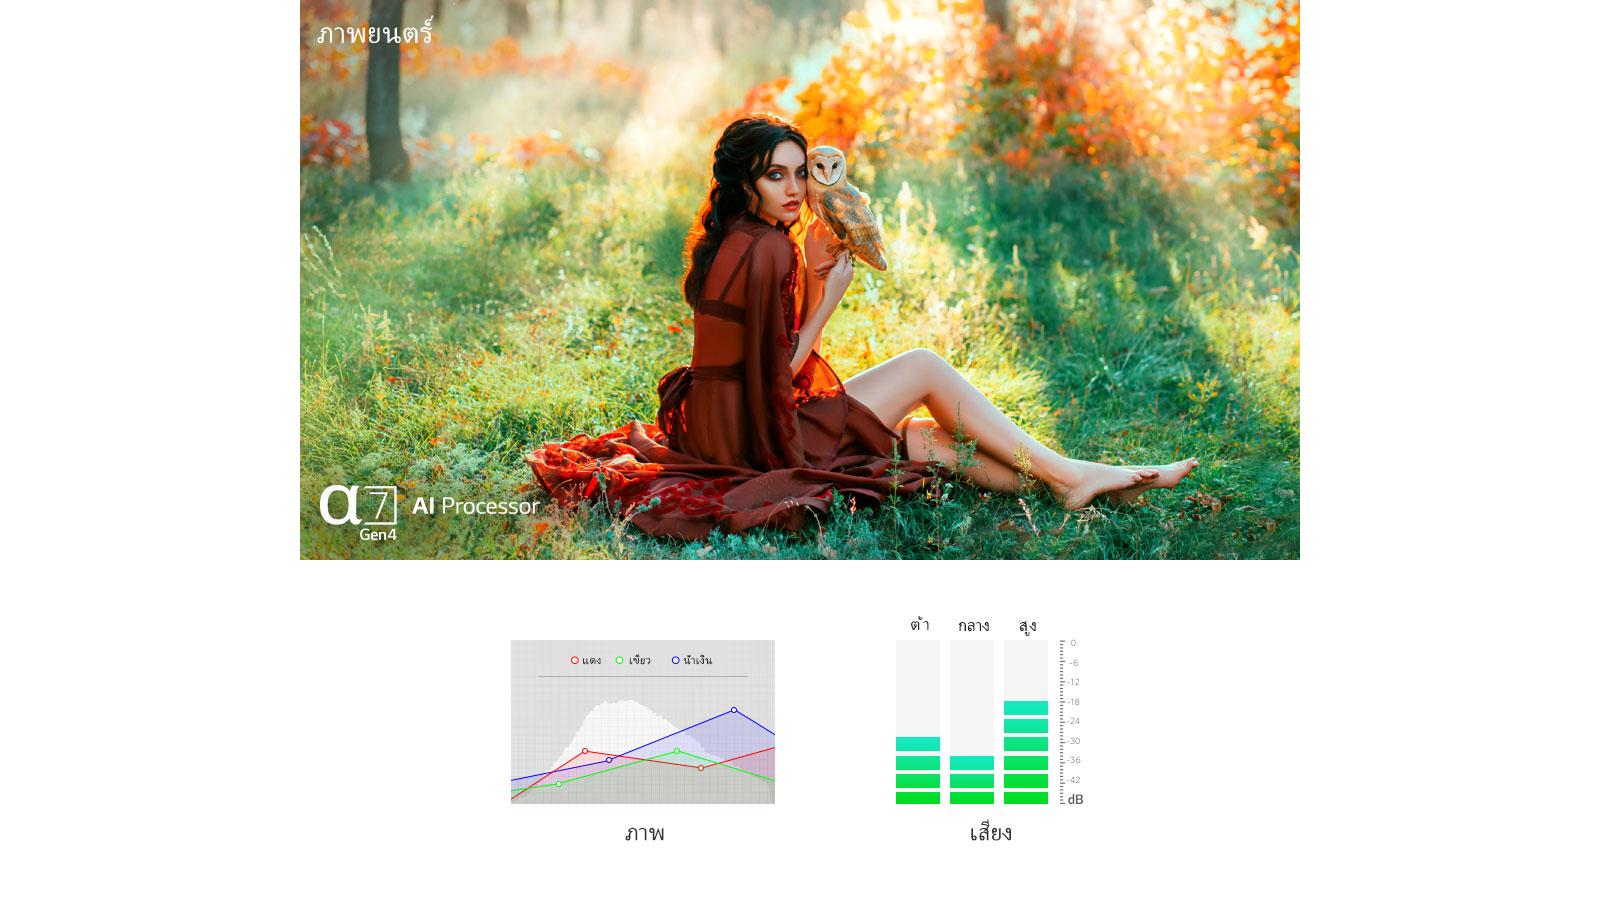 สองฉากที่ถูกปรับแต่งภาพและเสียงโดยอัตโนมัติด้วย a9 Gen4 AI Processor (เล่นวิดีโอ)